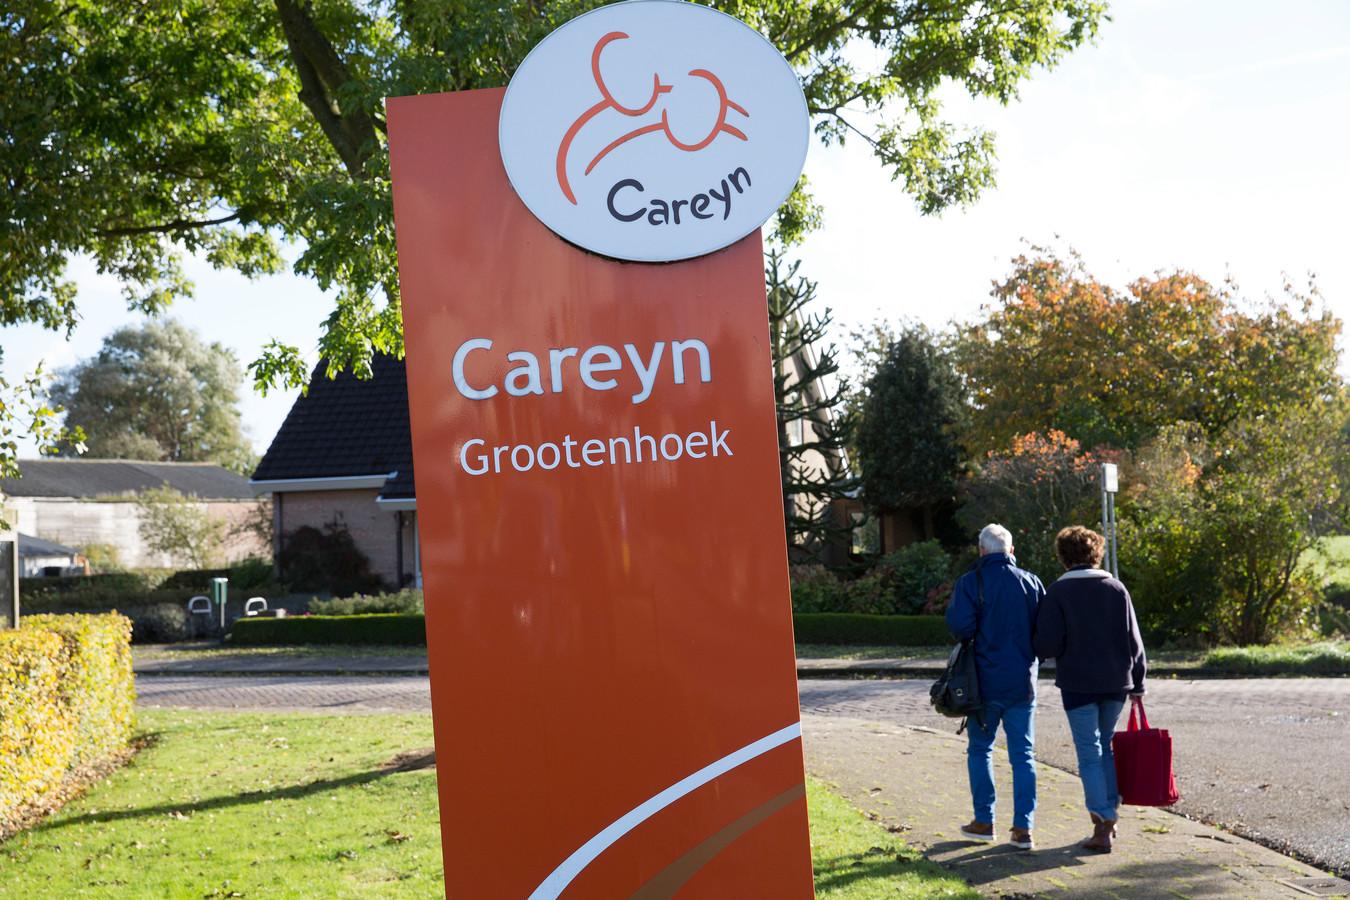 Careyn hoopt maandag weer bezoekers toe te kunnen laten op zoveel mogelijk verpleegzorgafdelingen. Andere organisaties als CuraMare en Argos Zorggroep doen dat zeker nog niet.